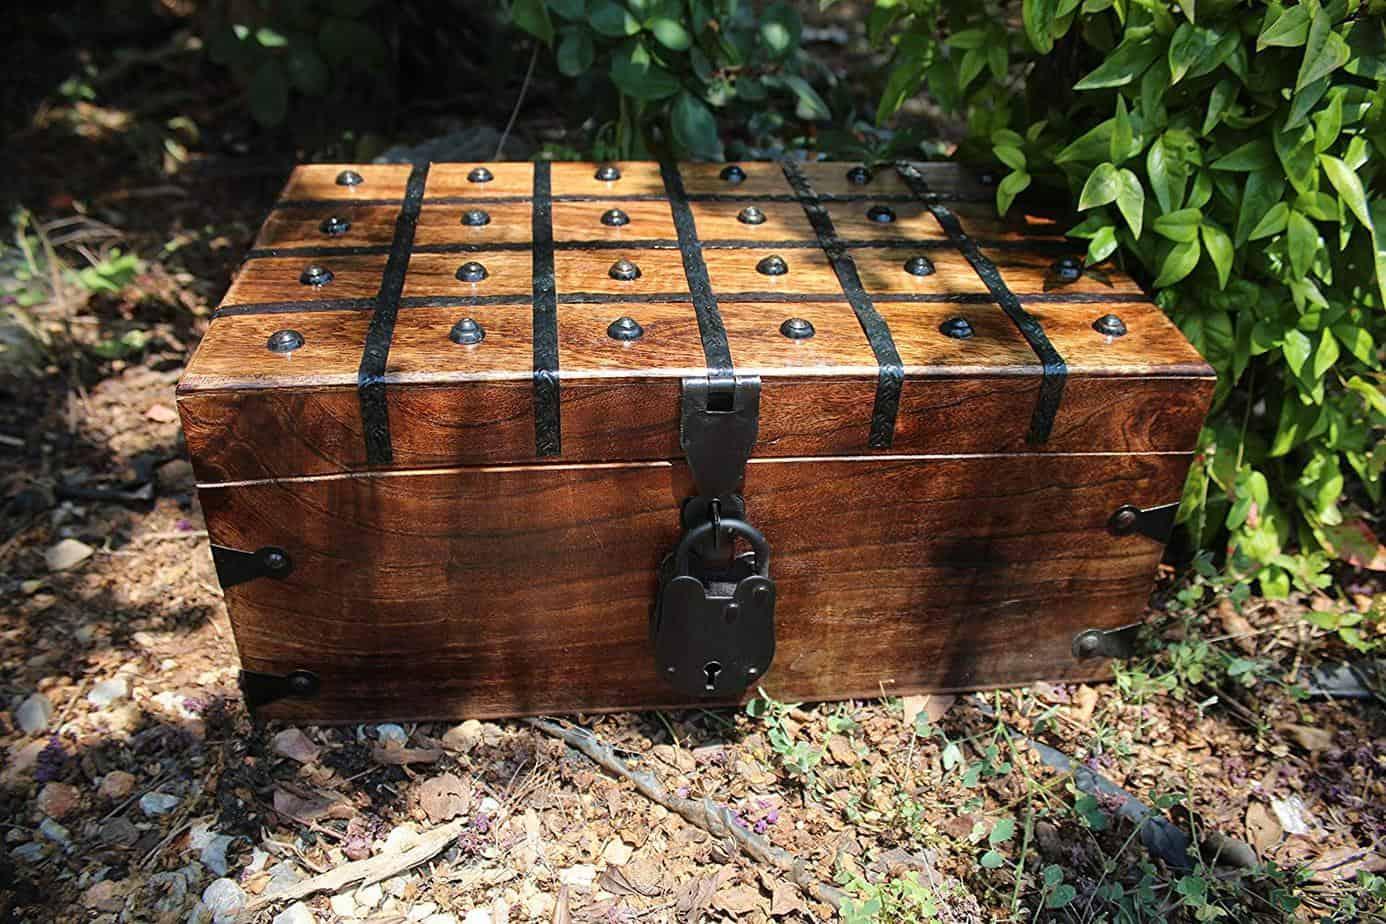 Wooden Pirate Treasure Chest Box